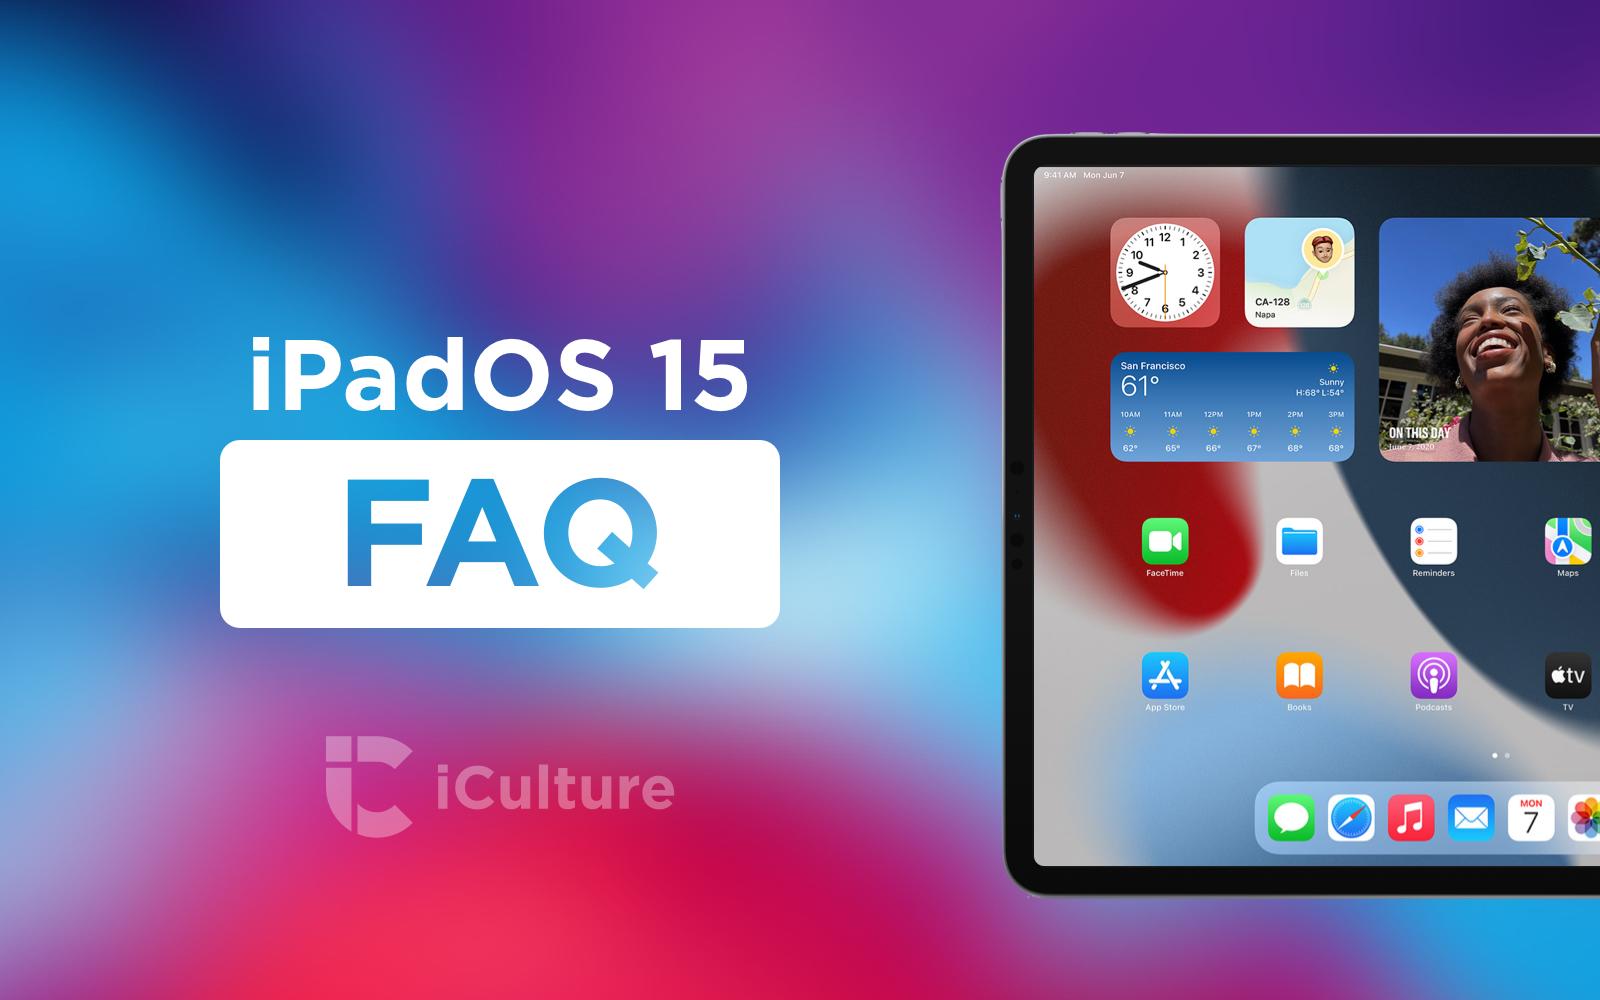 iPadOS 15 FAQ.